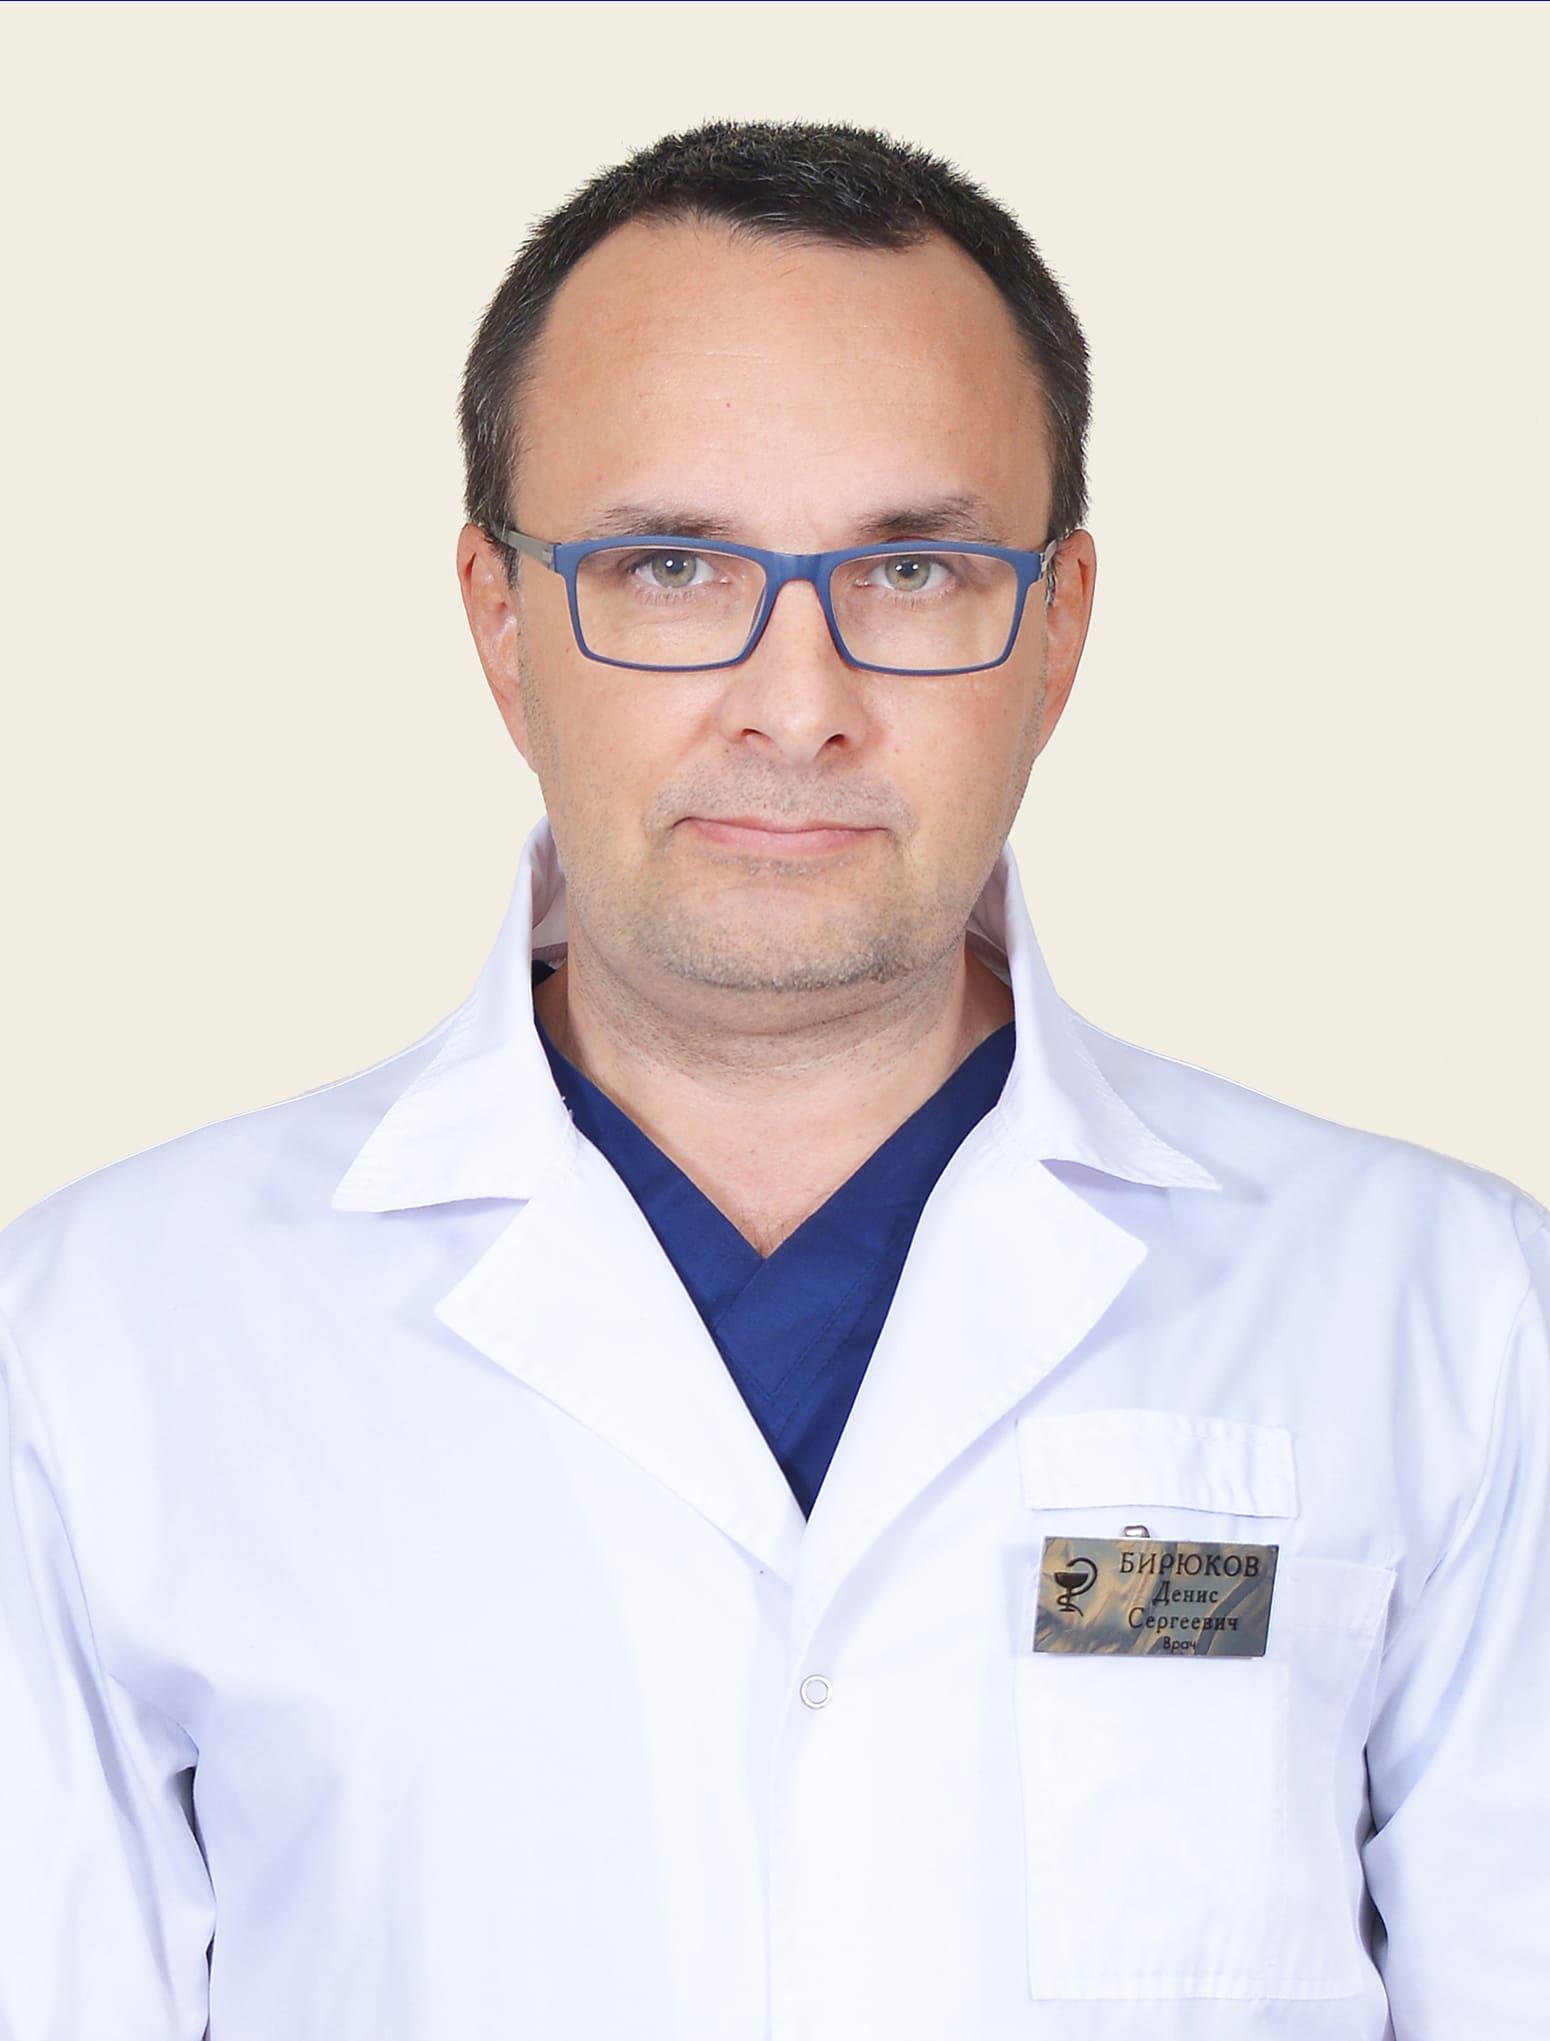 Бирюков Денис Сергеевич